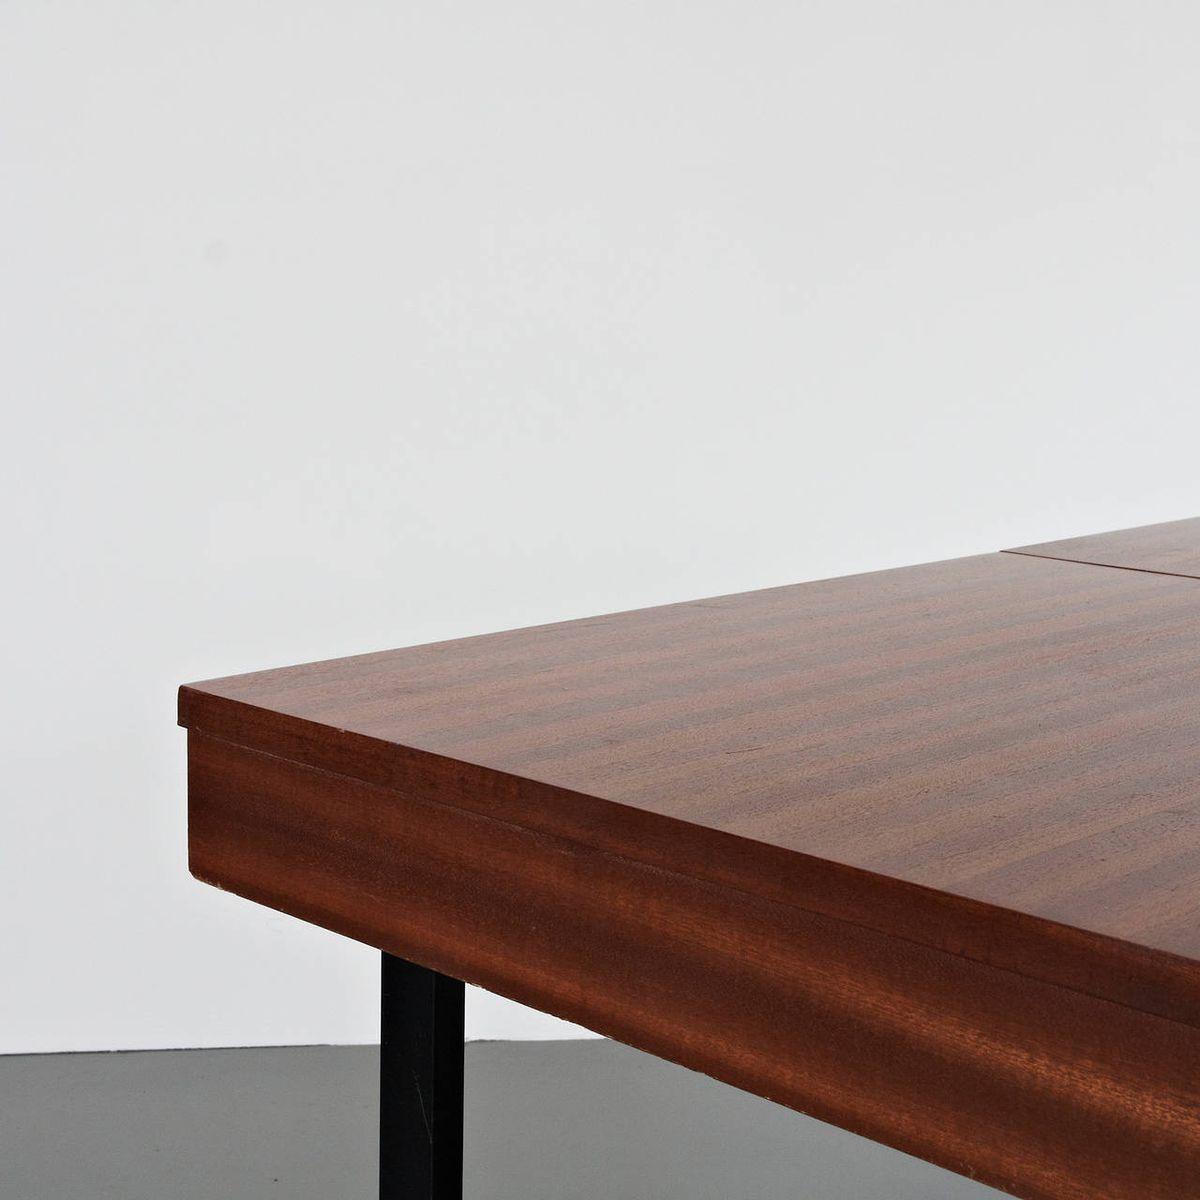 Table de Salle 224 Manger R233glable et Extensible par Pierre  : table de salle a manger reglable et extensible par pierre guariche pour meurop 1950s 5 from www.pamono.fr size 1200 x 1200 jpeg 61kB